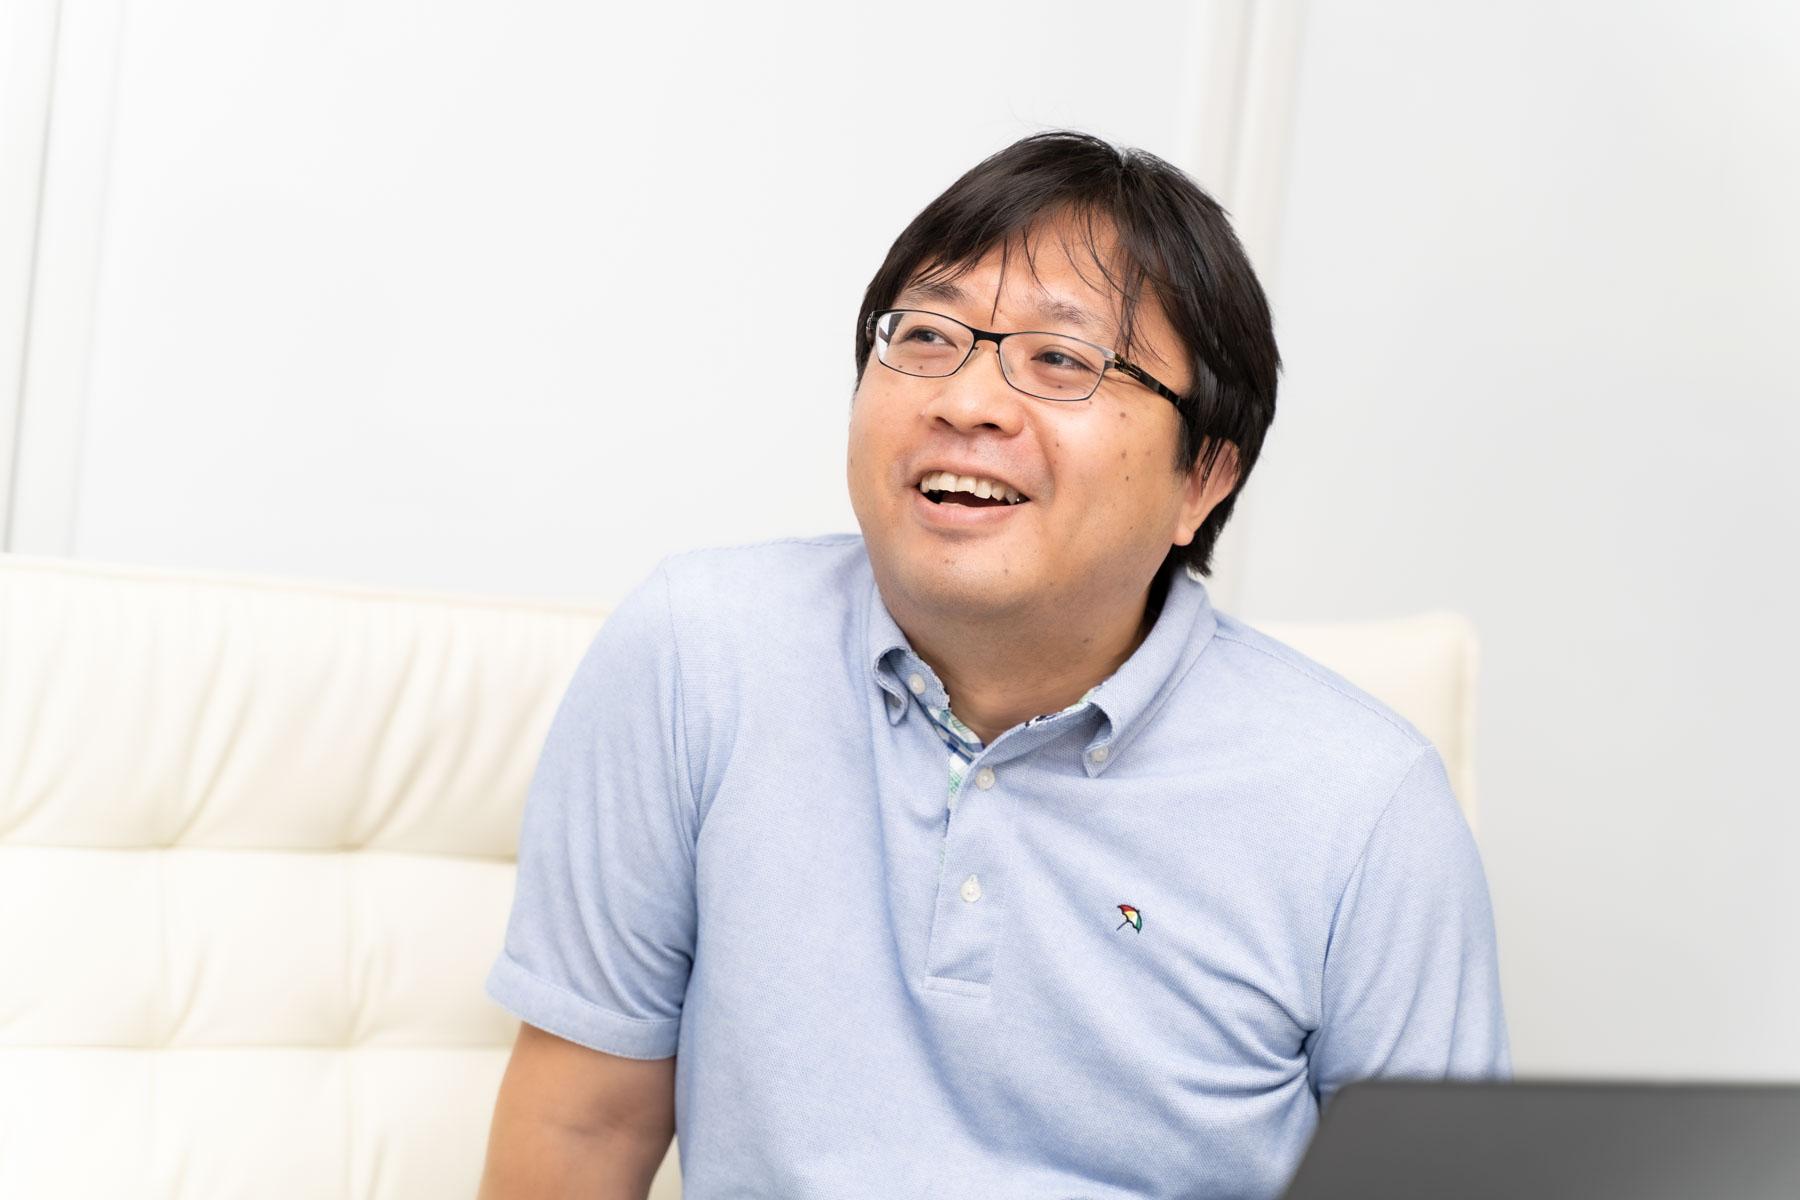 株式会社JADE代表取締役・伊東周晃の写真